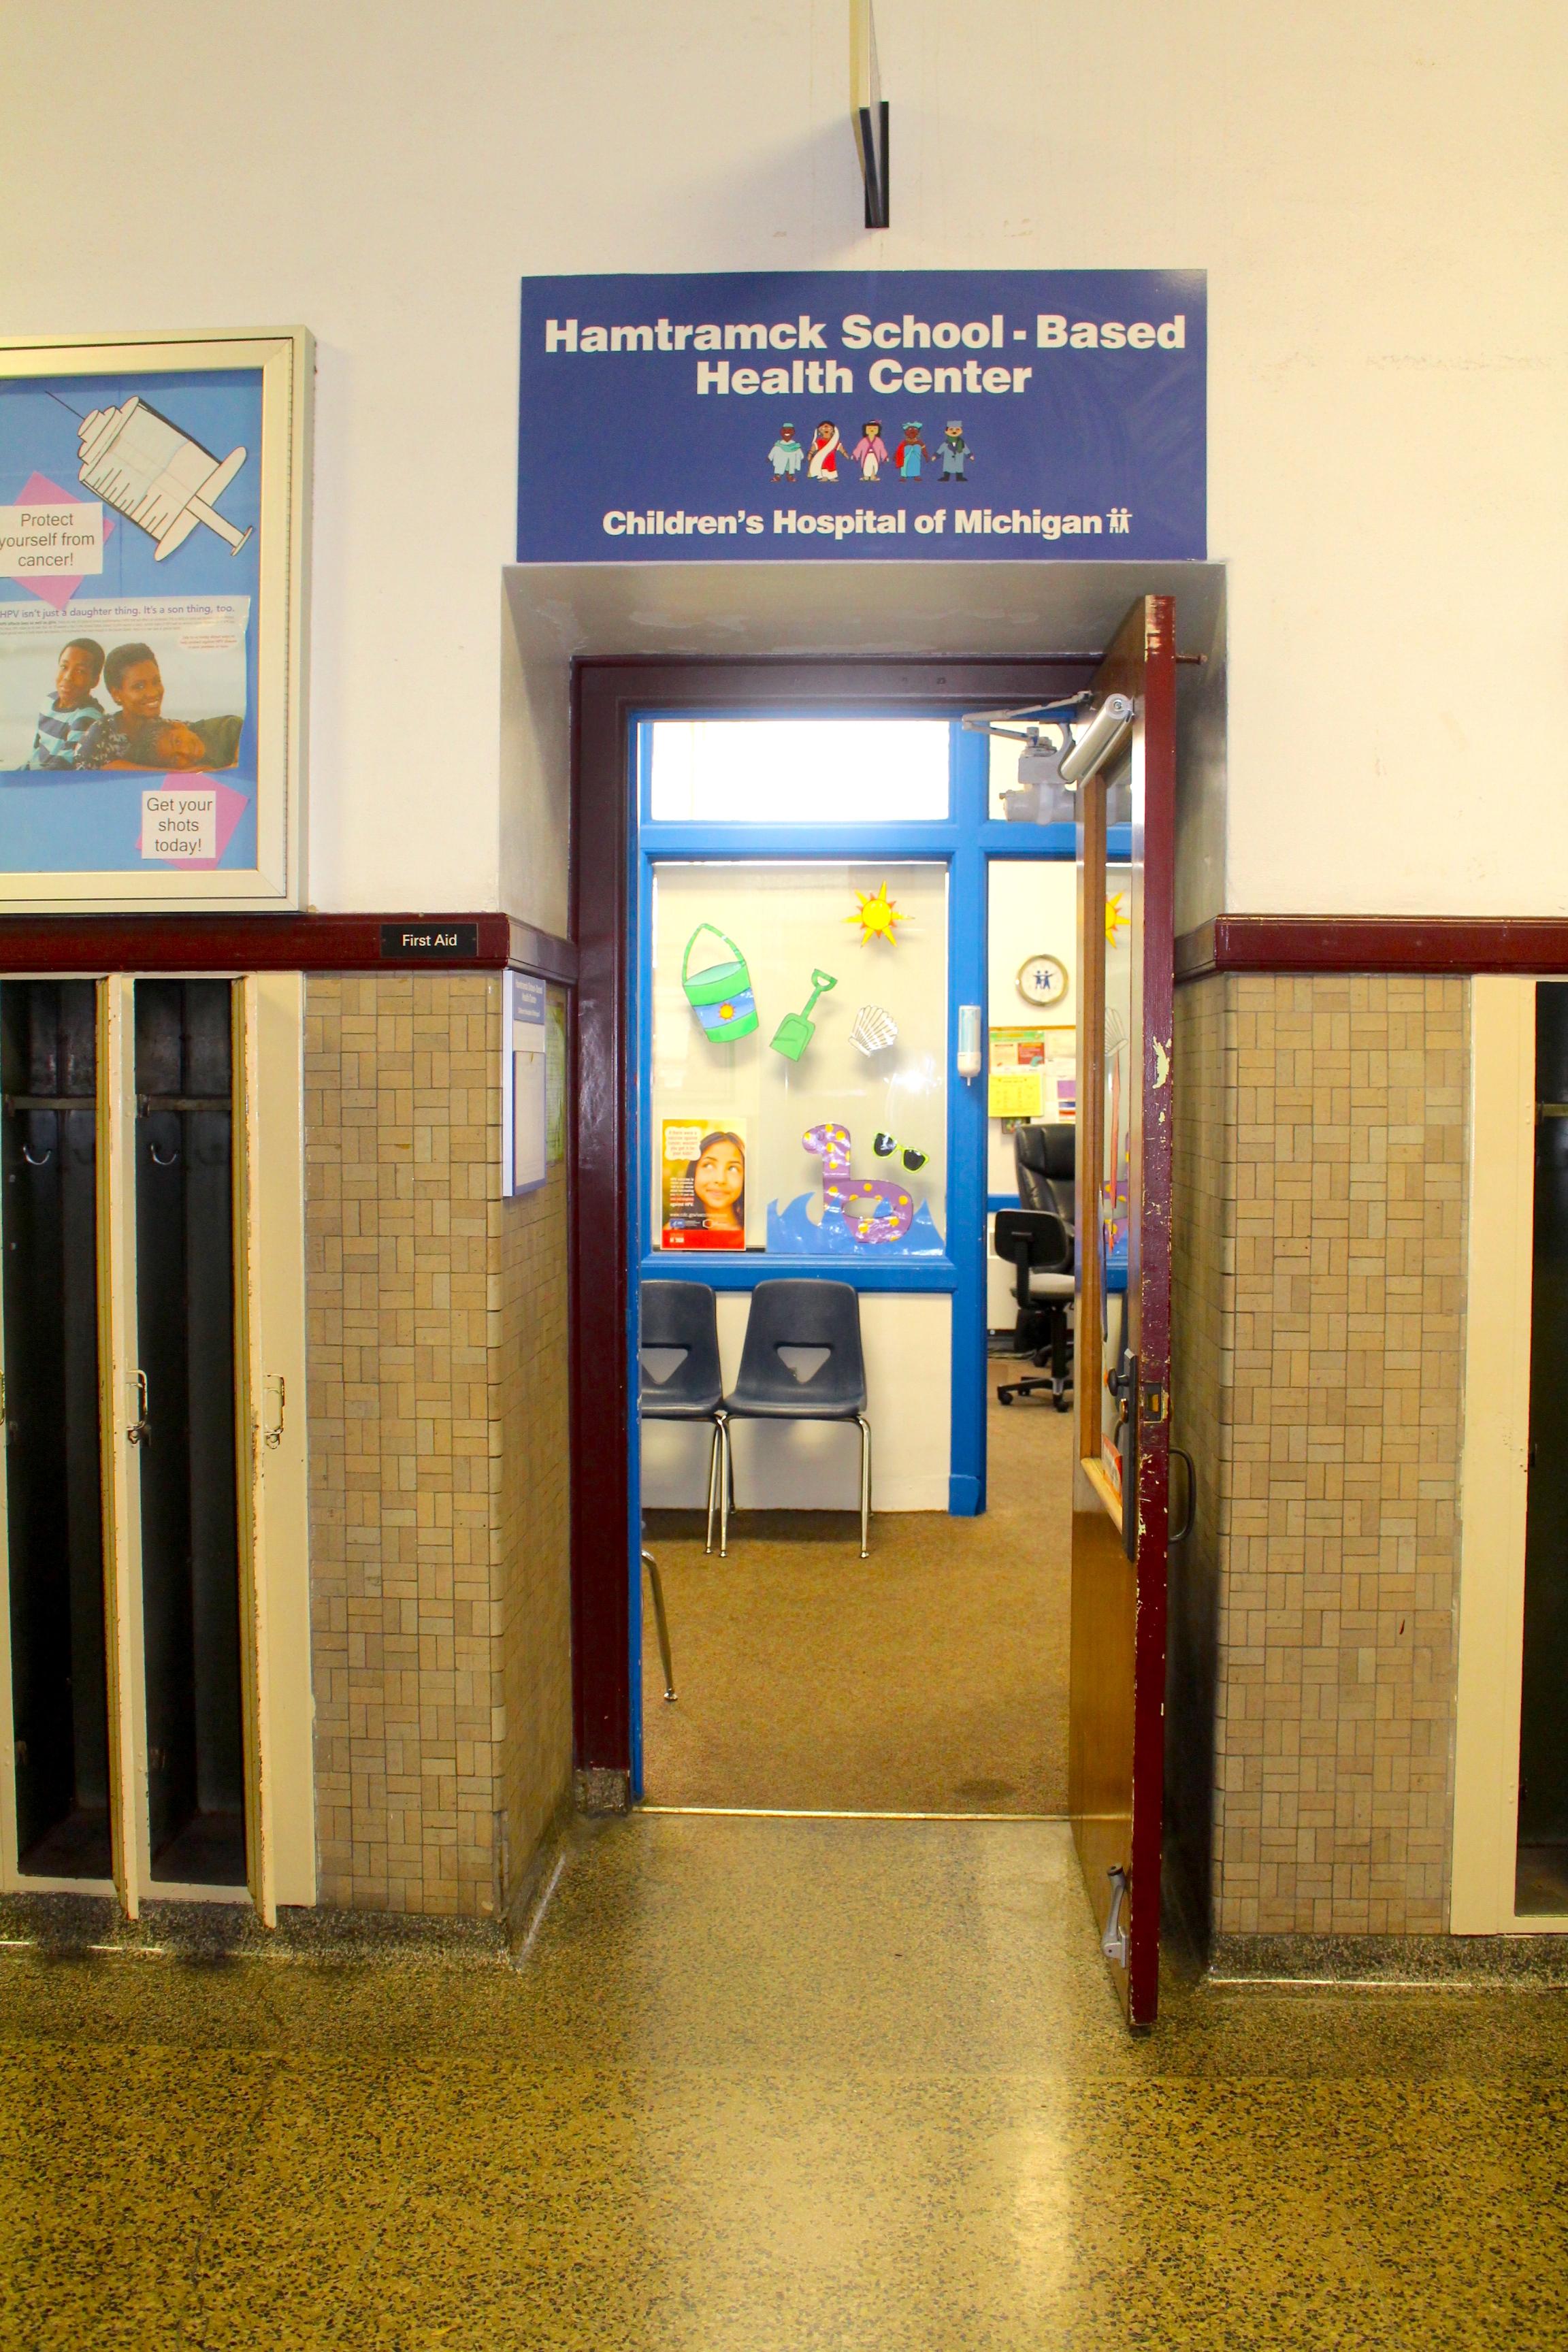 Hamtramck School-Based Health Center 1.JPG